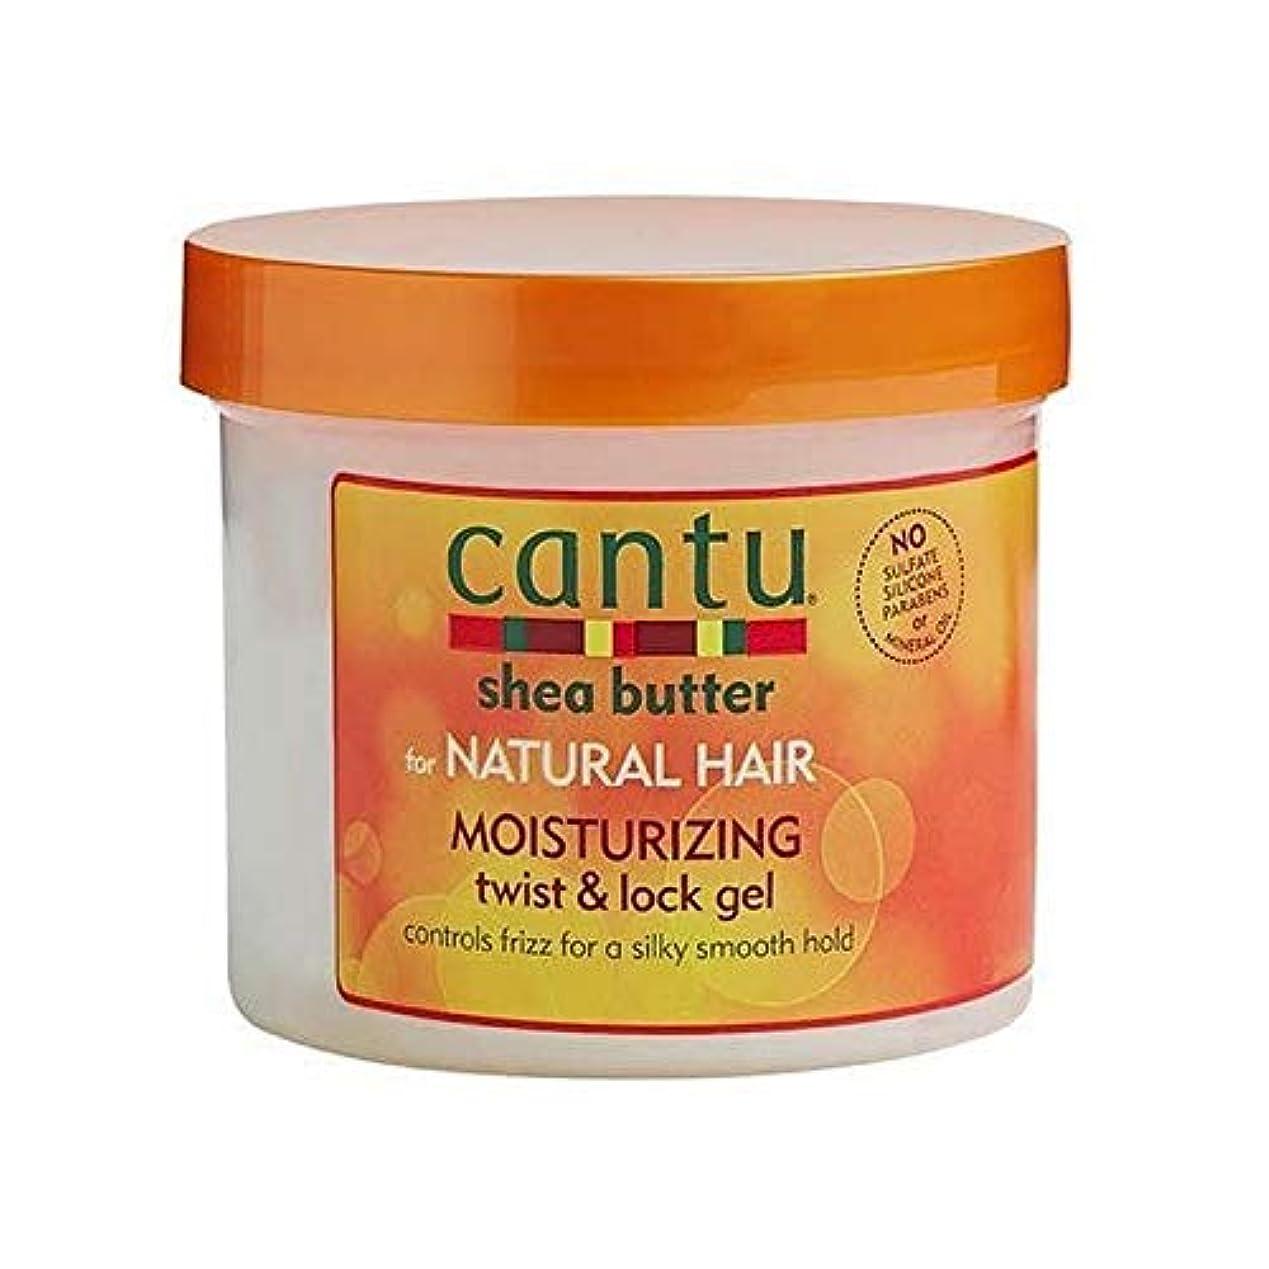 曖昧なサークルマスク[Cantu ] 自然な髪のツイスト&ロックゲル370グラムのためのカントゥ - Cantu for Natural Hair Twist & Lock Gel 370g [並行輸入品]